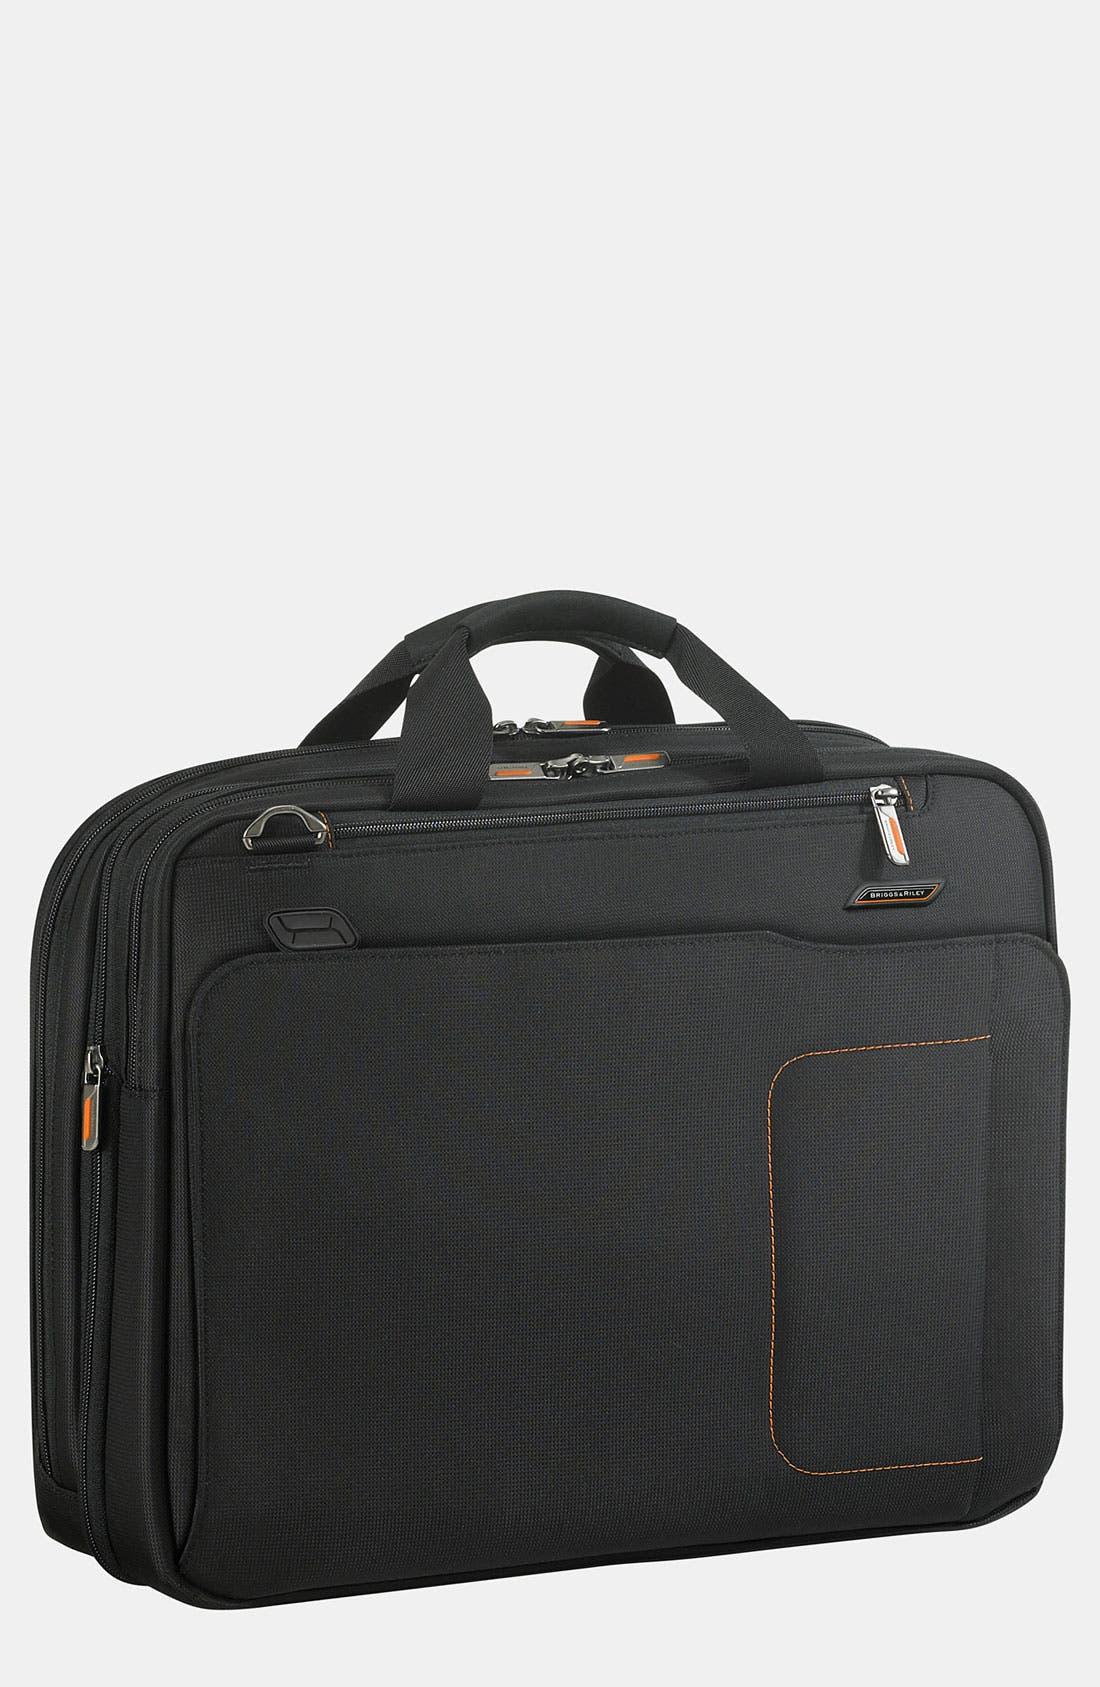 Main Image - Briggs & Riley 'Verb - Amplify' Expandable Briefcase